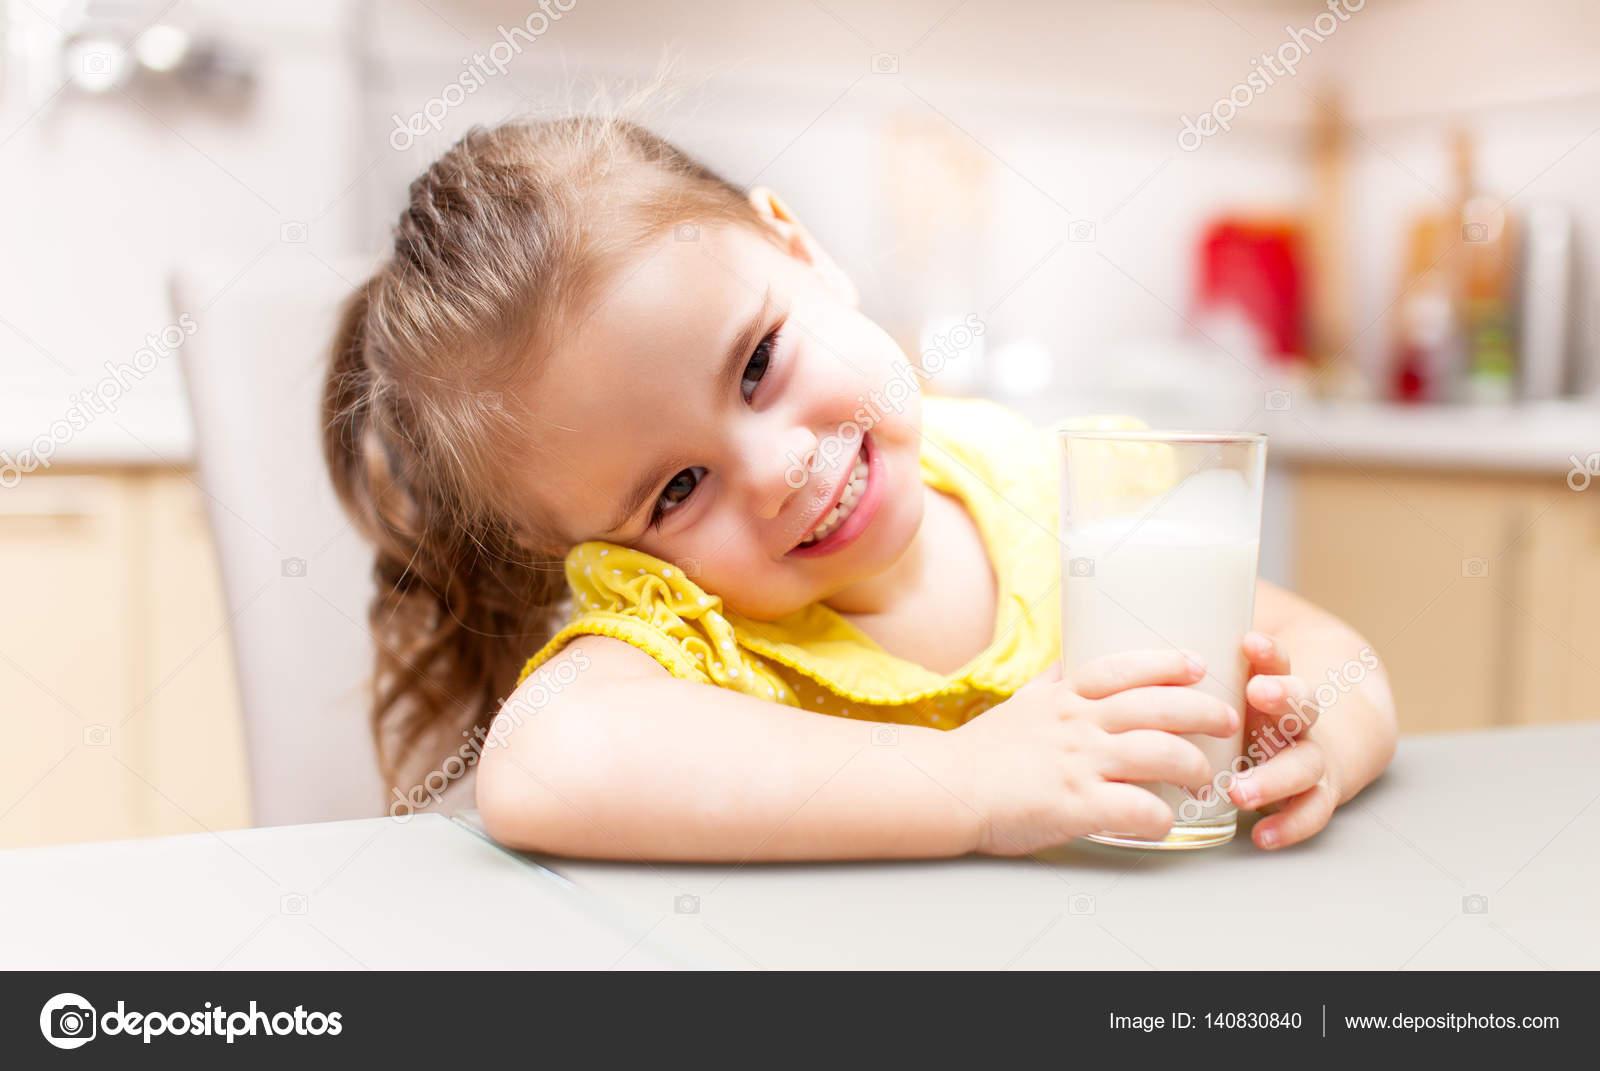 Девушка в молоке на кухне, порно фотоальбомы русских женщин домохозяек в домашних условиях